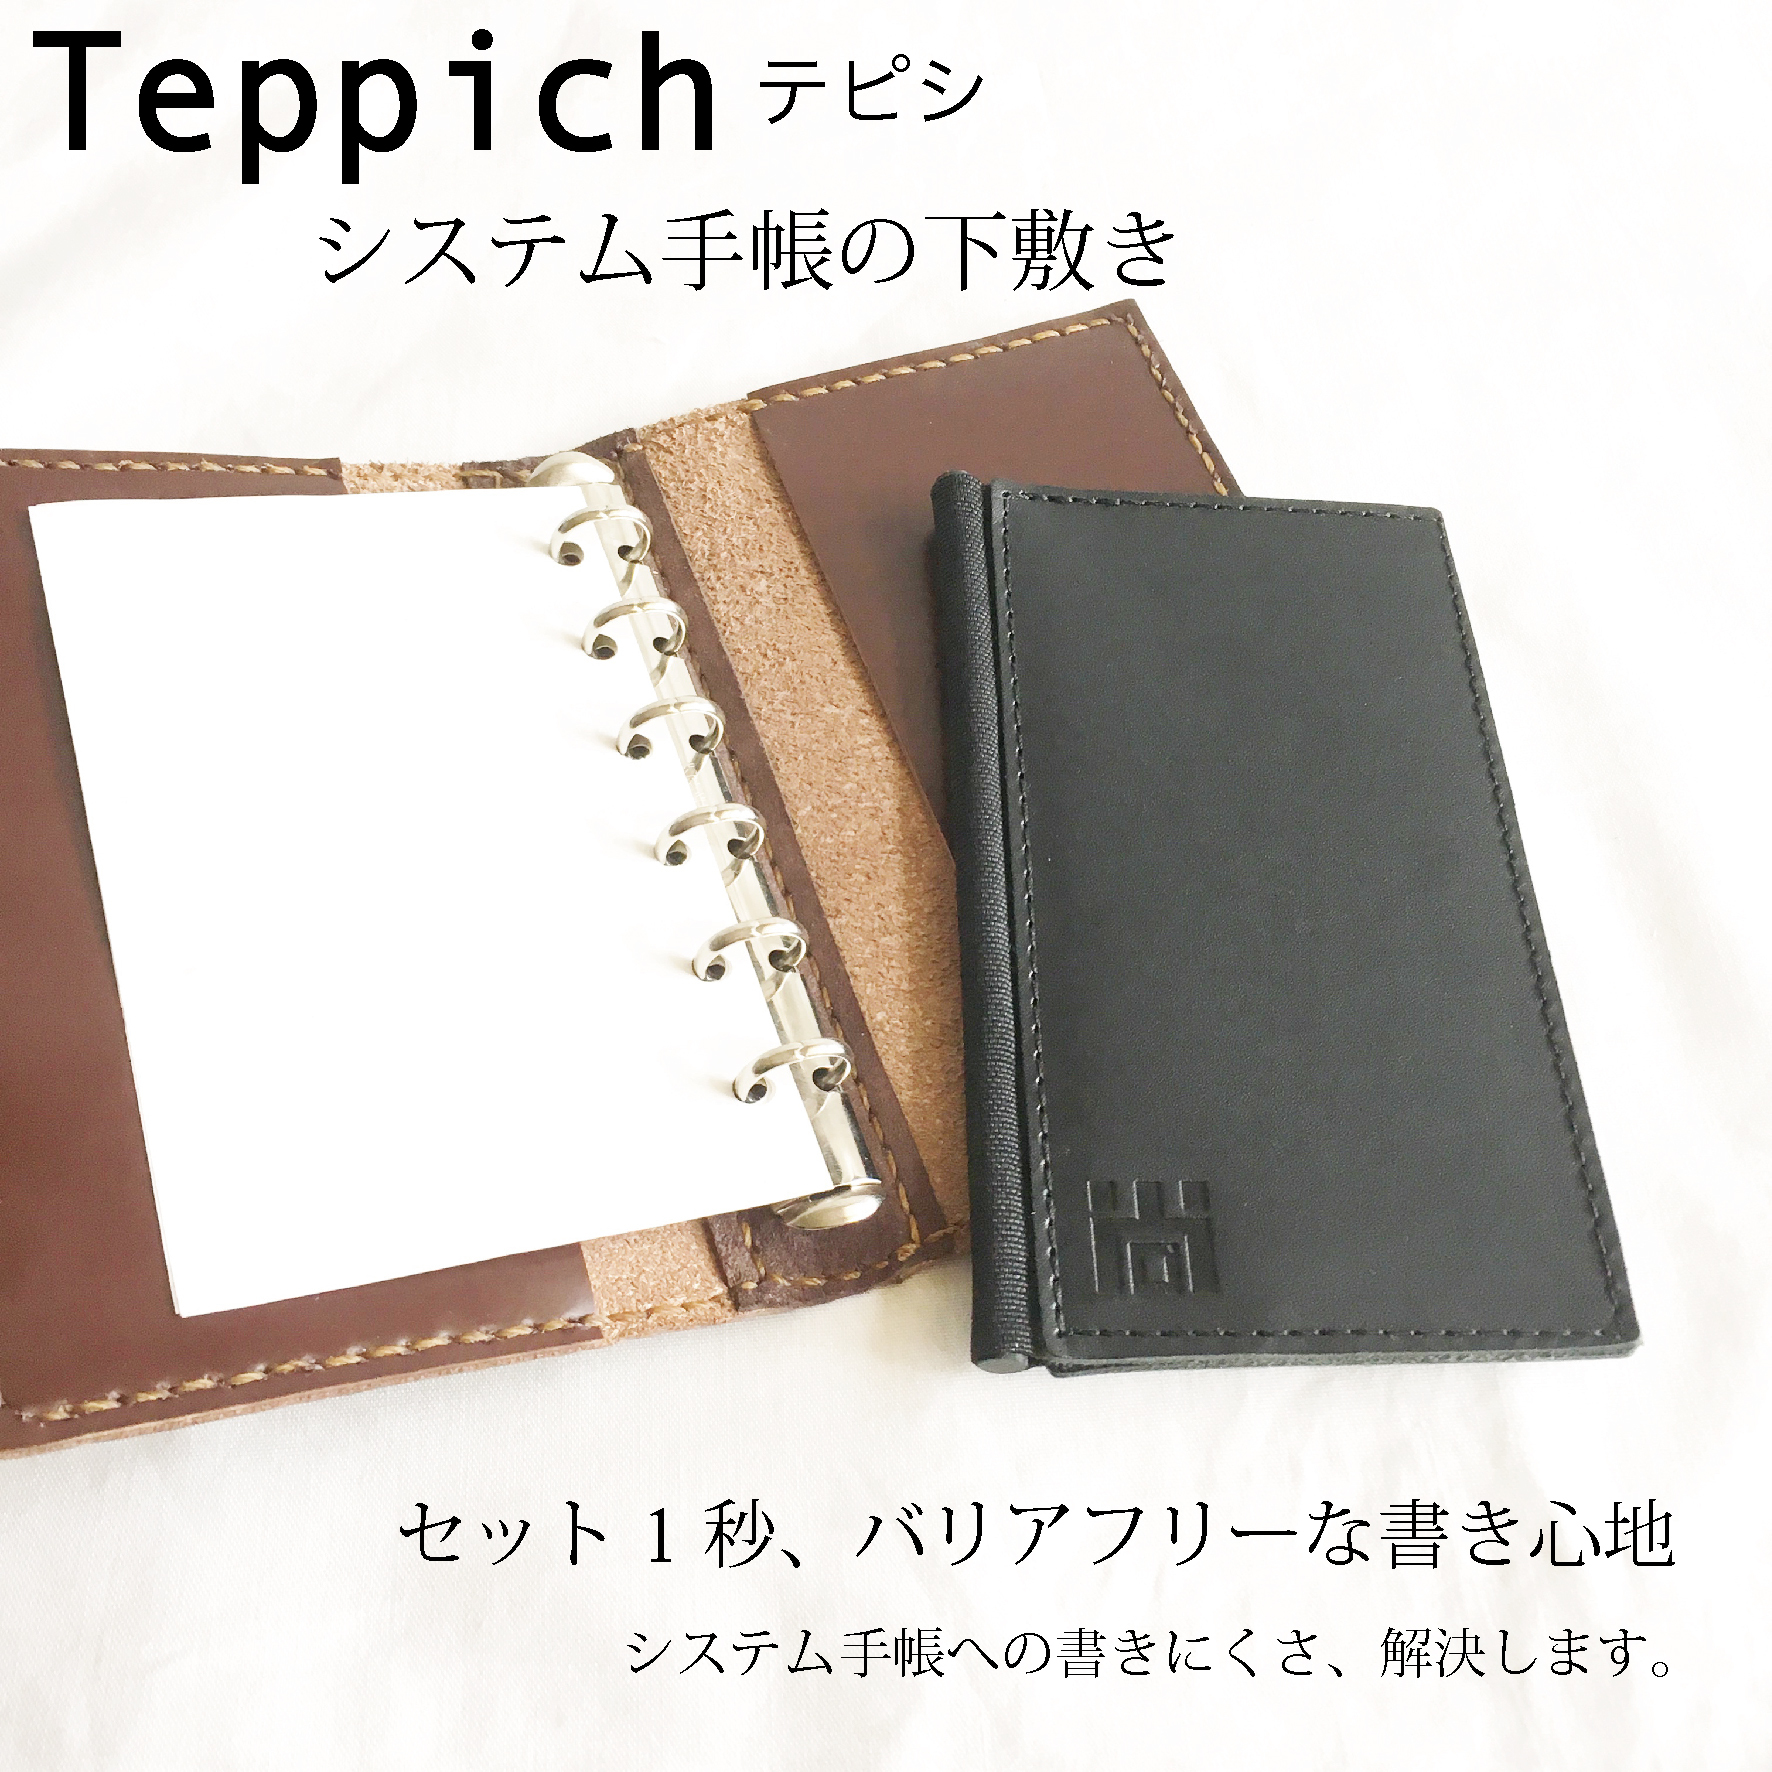 Teppich テピシ ミニ6サイズ